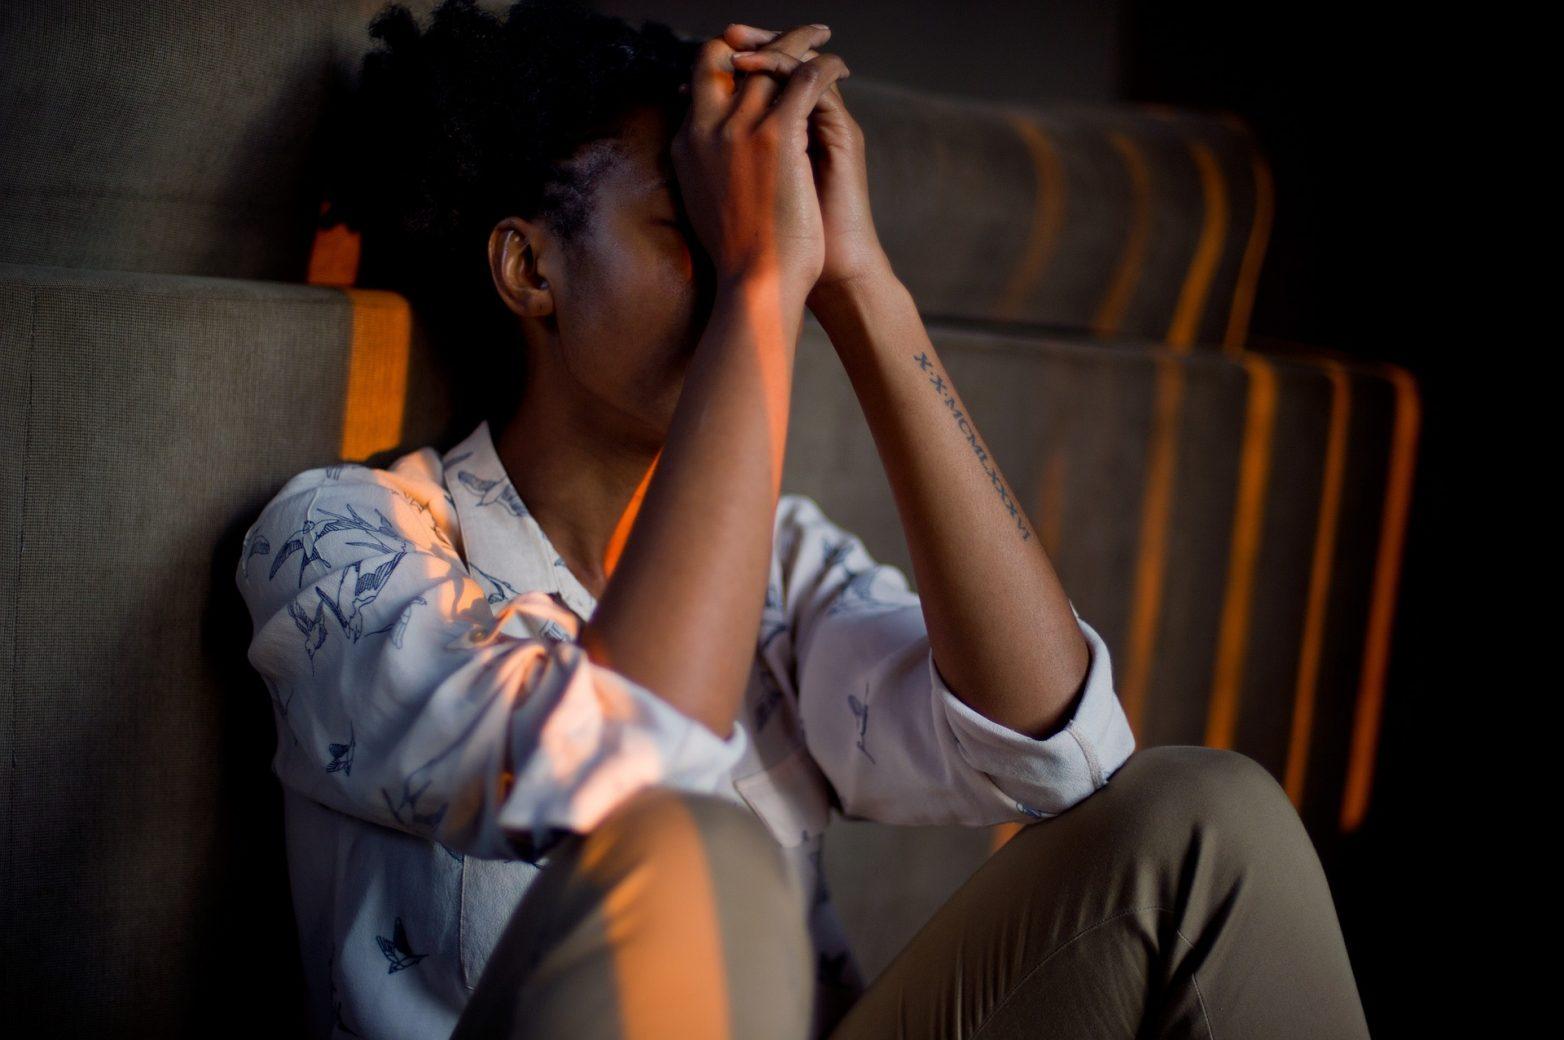 stress personne emotion people 1492052 1920 - 9 bonnes choses à vous souvenir en période de stress